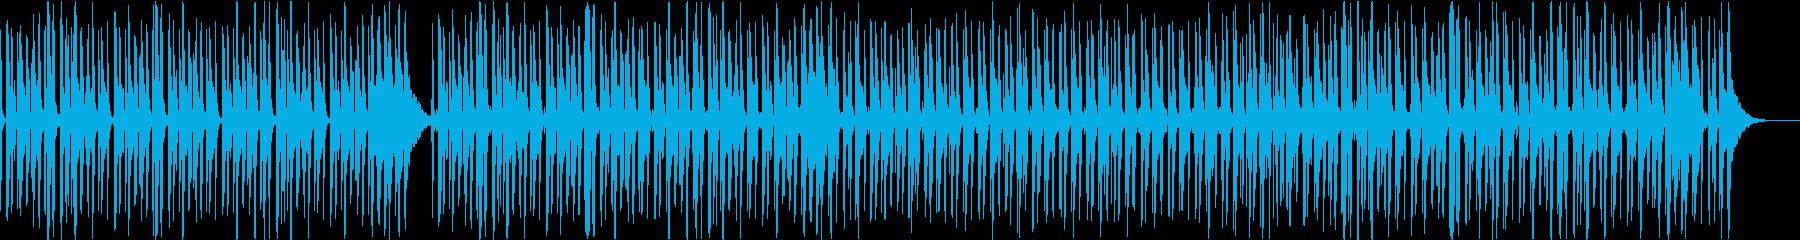 口笛のかわいい映像系の曲(ベースなし)の再生済みの波形